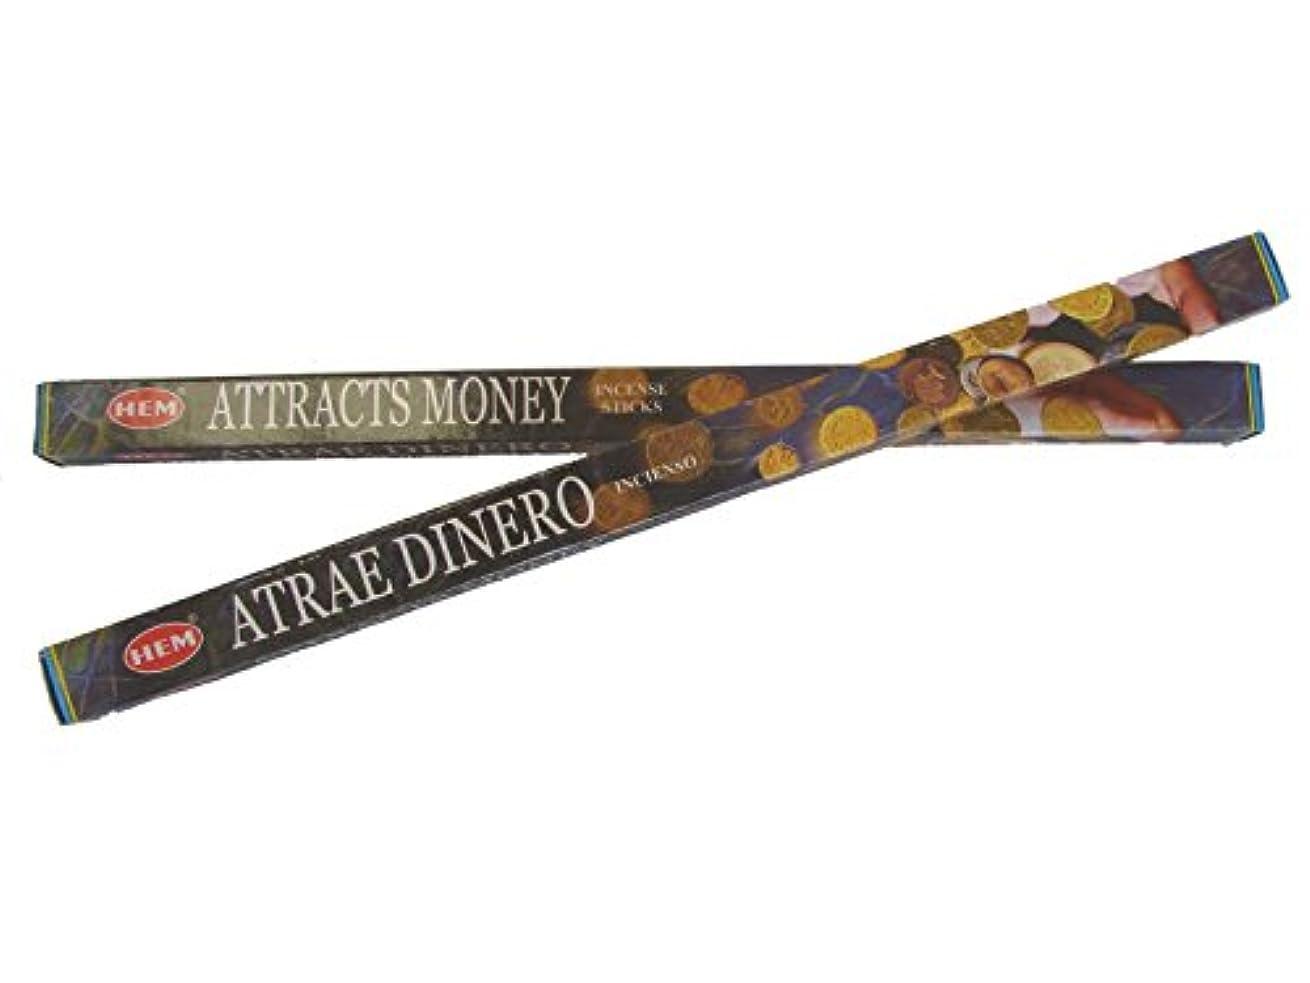 はねかけるバンドル満員4 Boxes of Attracts Money Incense Sticks